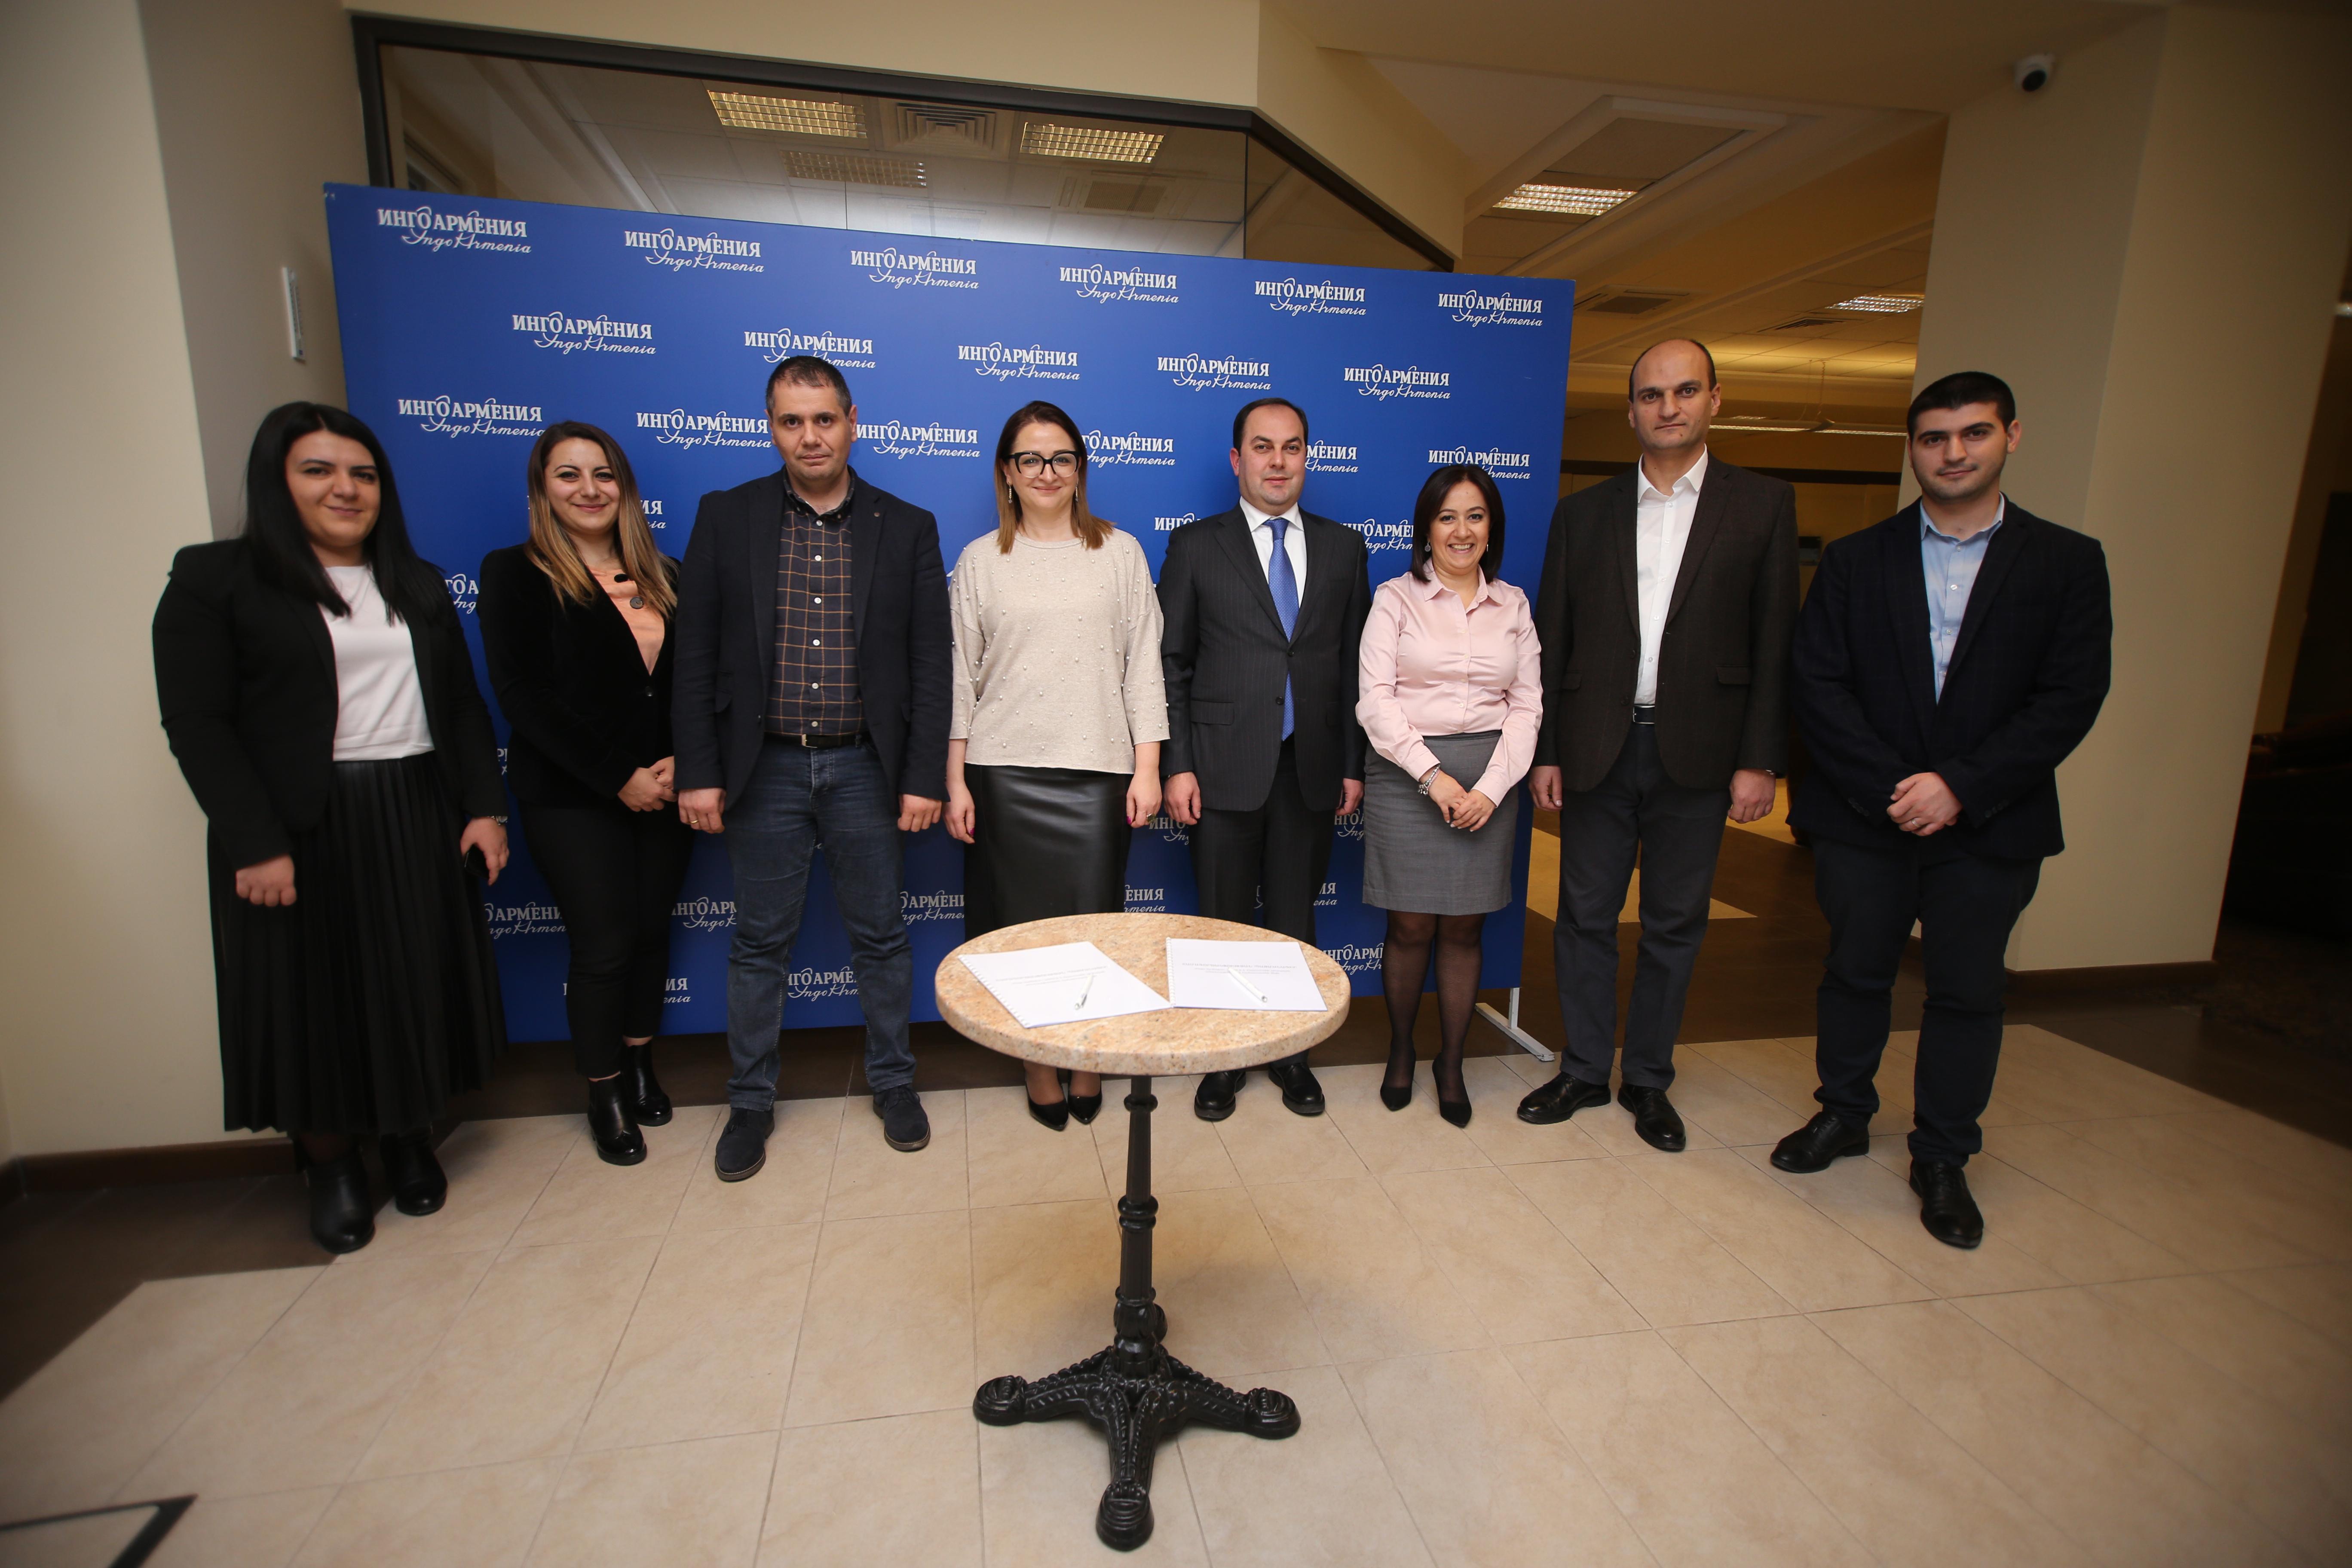 Հայաստանի պետական տնտեսագիտական համալսարանի և Ինգո Արմենիայի միջև կնքվել է համագործակցության պայմանագիր (լուսանկարներ)